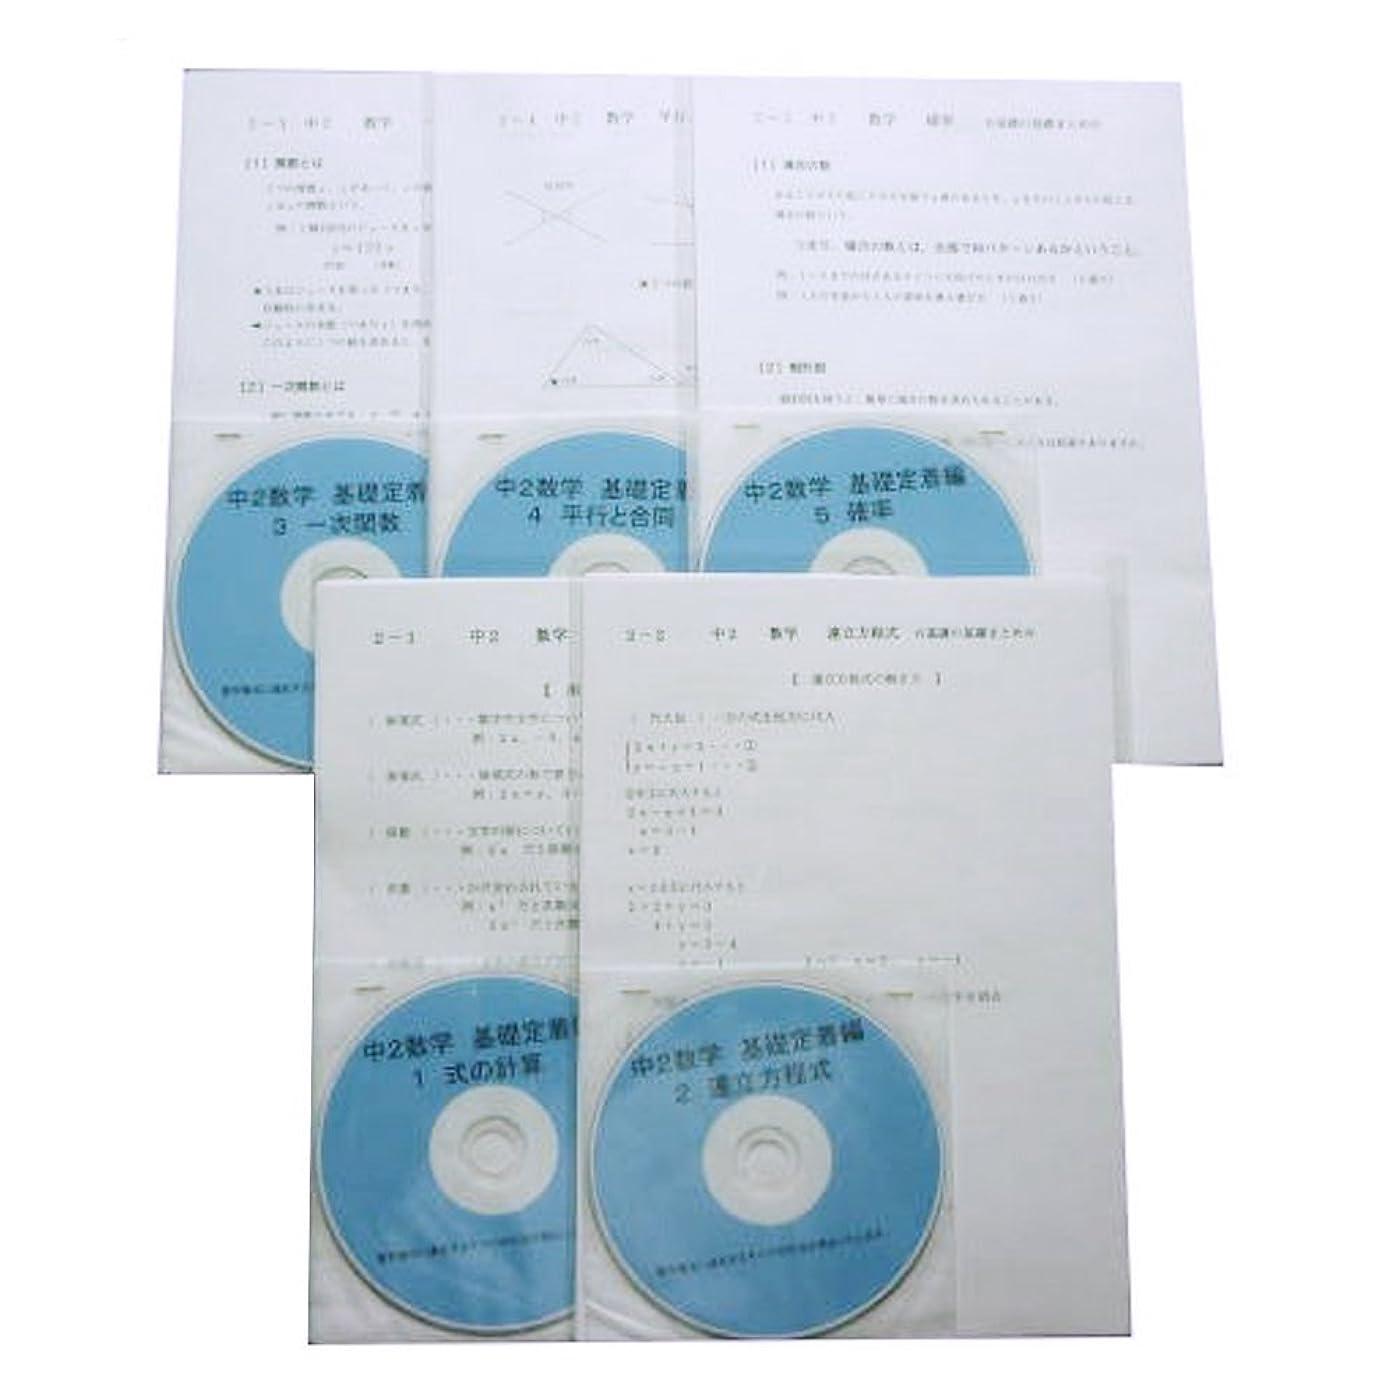 視力非アクティブ衣服中学 数学 2年 【基礎】 DVD 5枚セット (授業+テキスト+問題集)